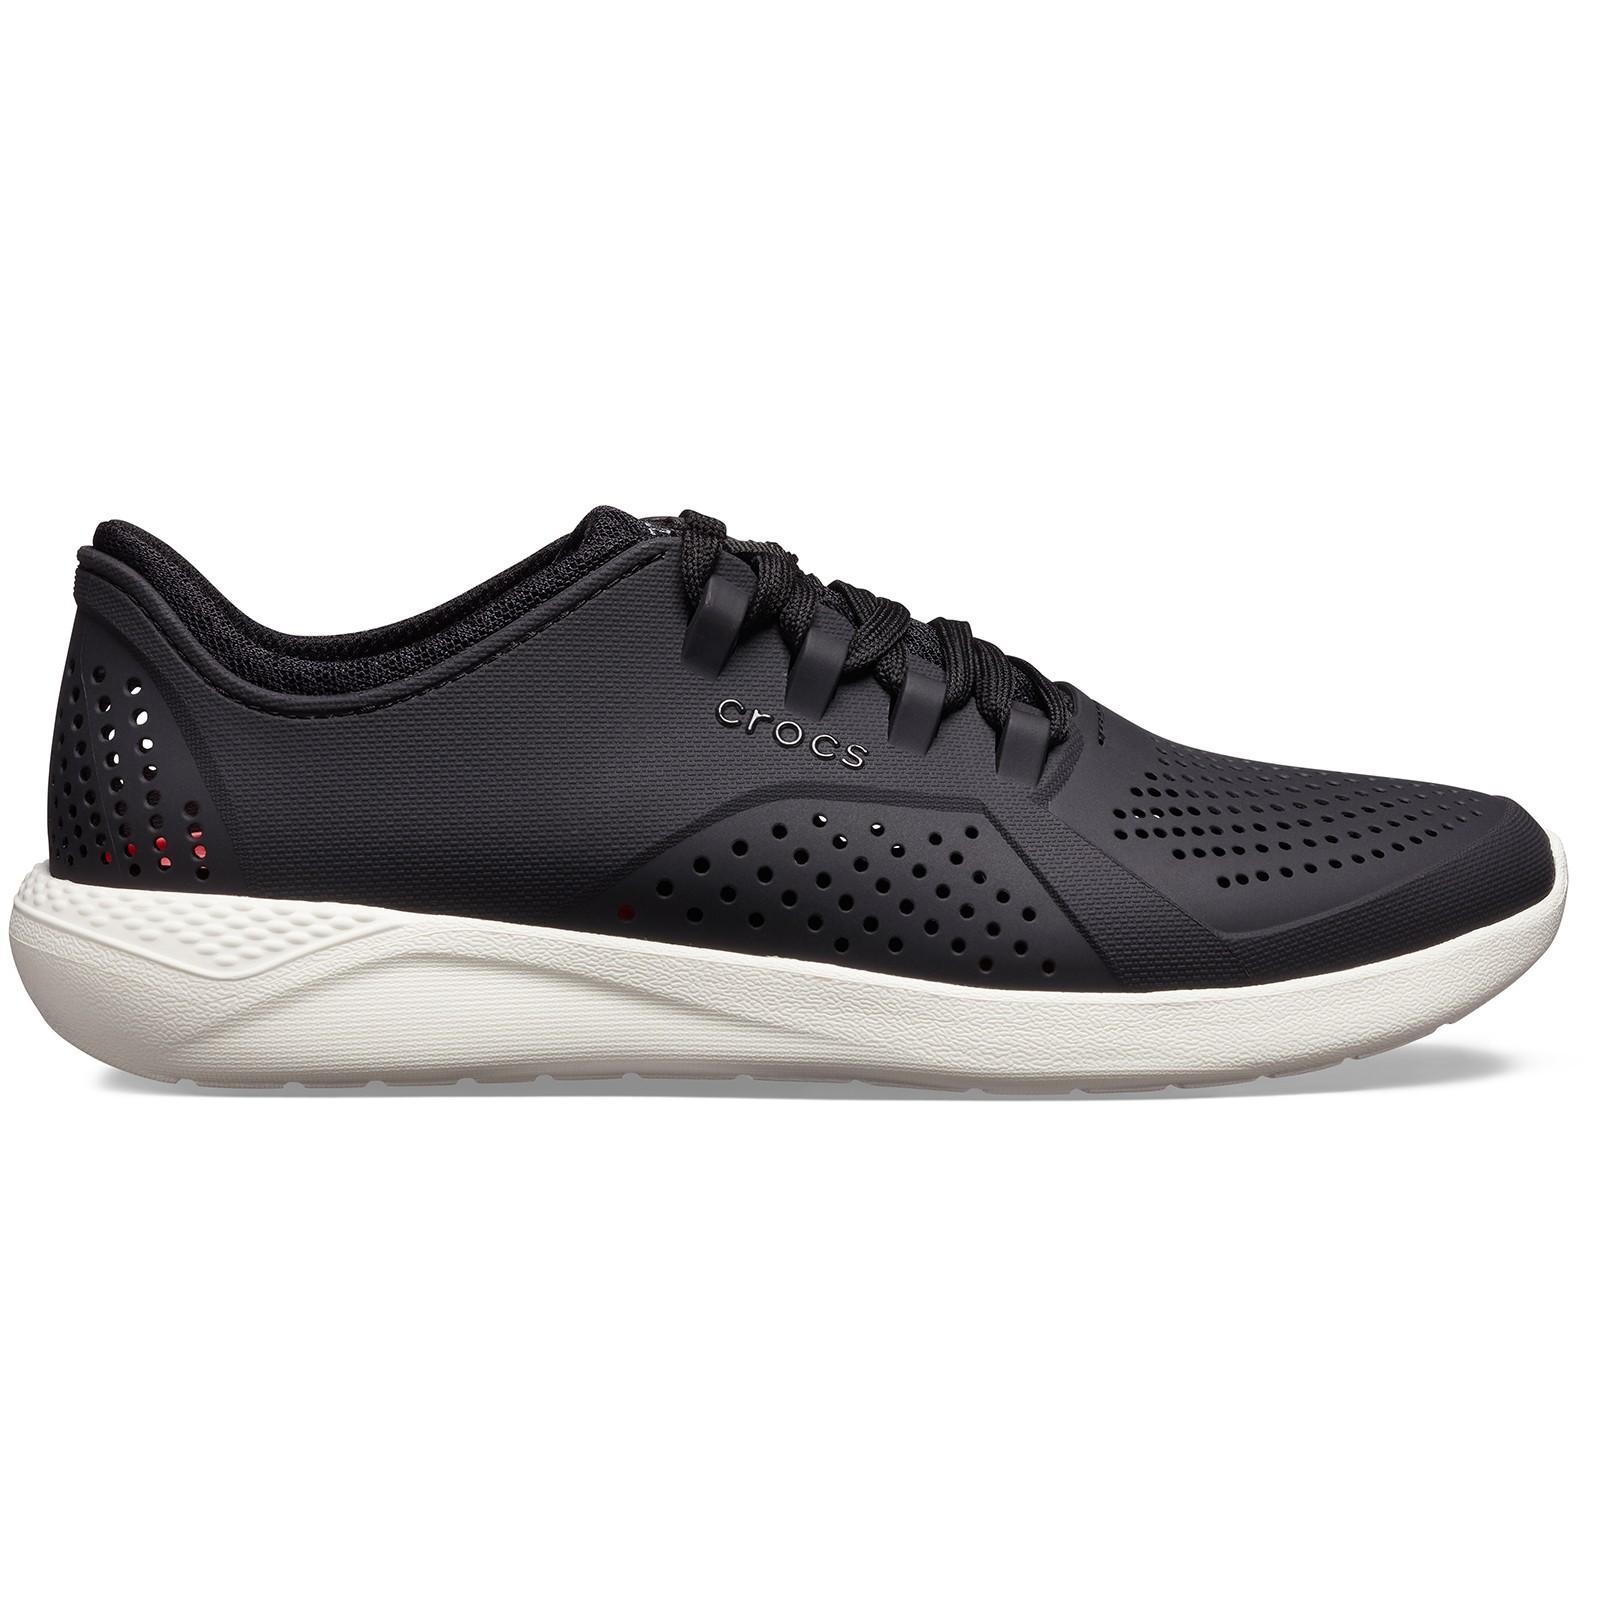 d15dbc3db8399 [Premier] Crocs - Giày lười Nam LiteRide Pacer M 204967-066 290519